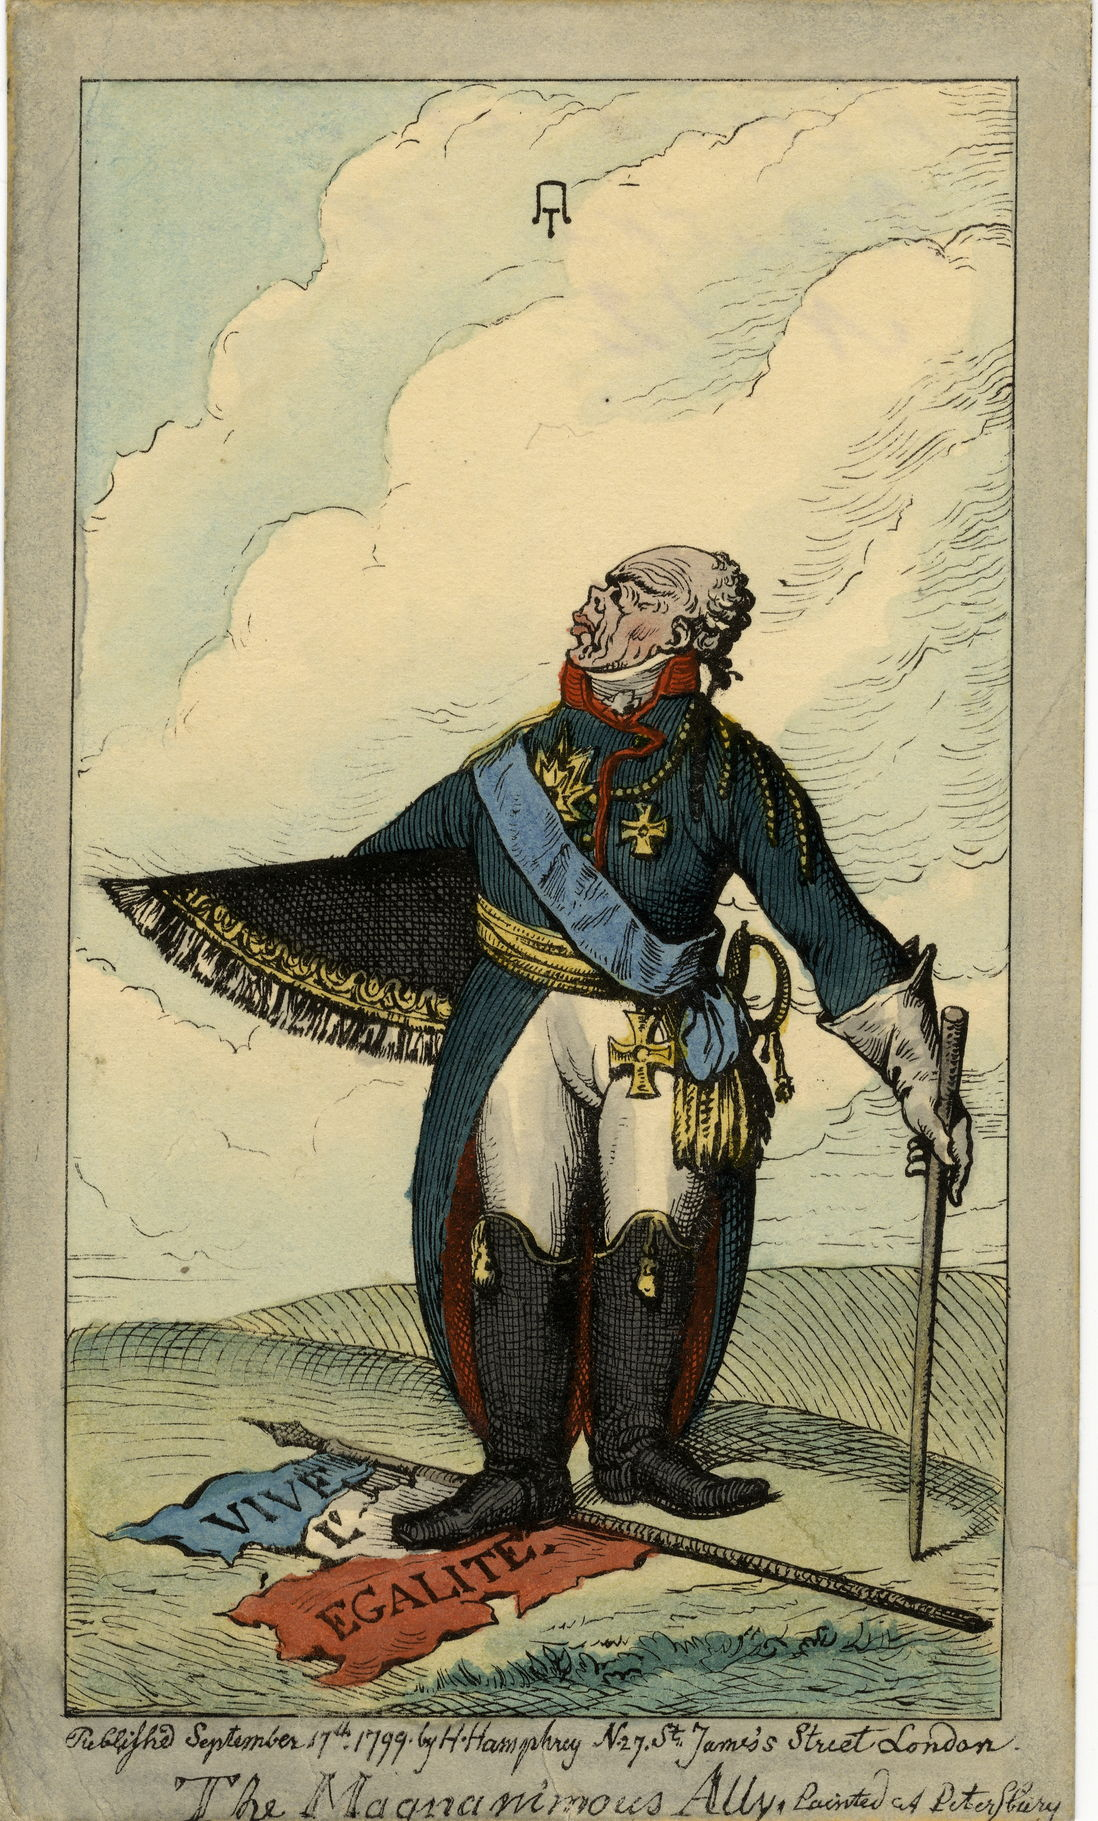 Джеймс Гилрей Карикатура на императора Павла I. Великодушный союзник. 1799 г. Бумага, офорт раскрашенный